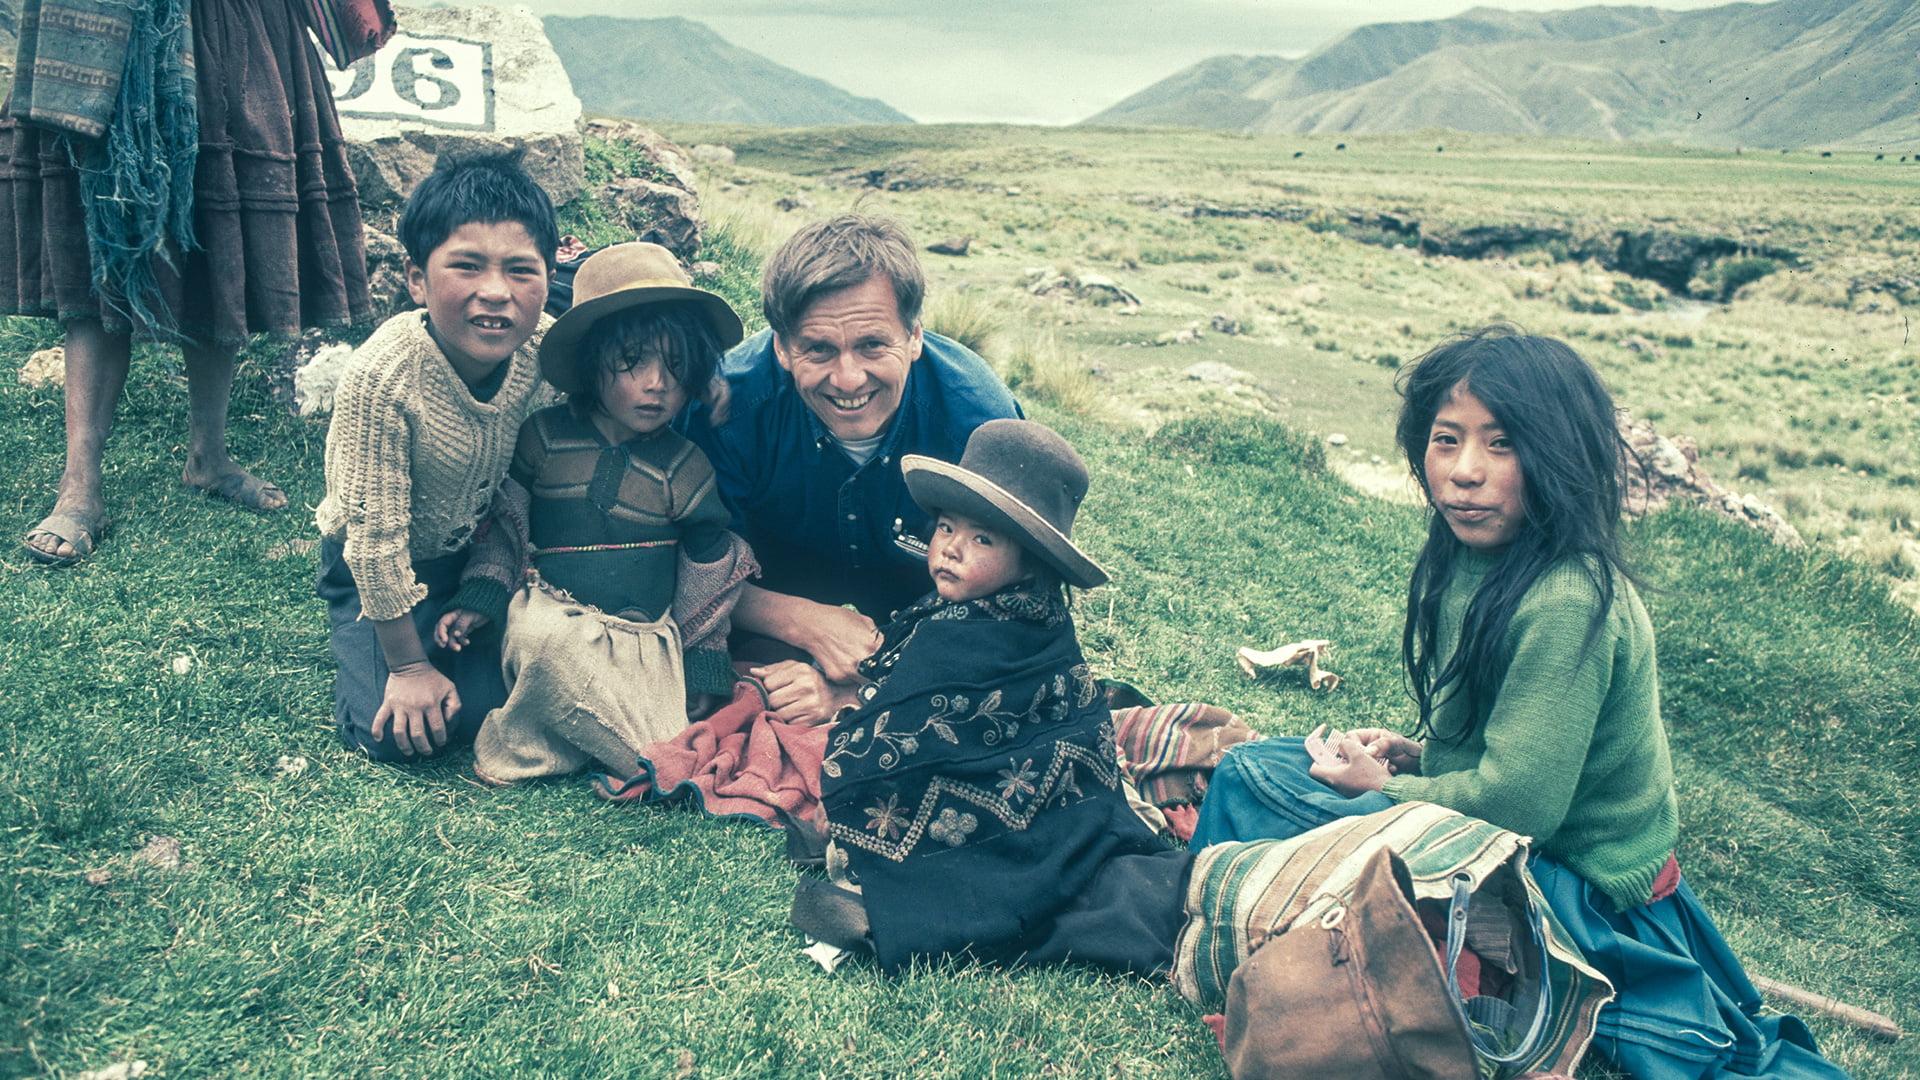 Rauli Virtanen ja joukko paikallisia lapsia Perun ja Bolivian rajamailla.